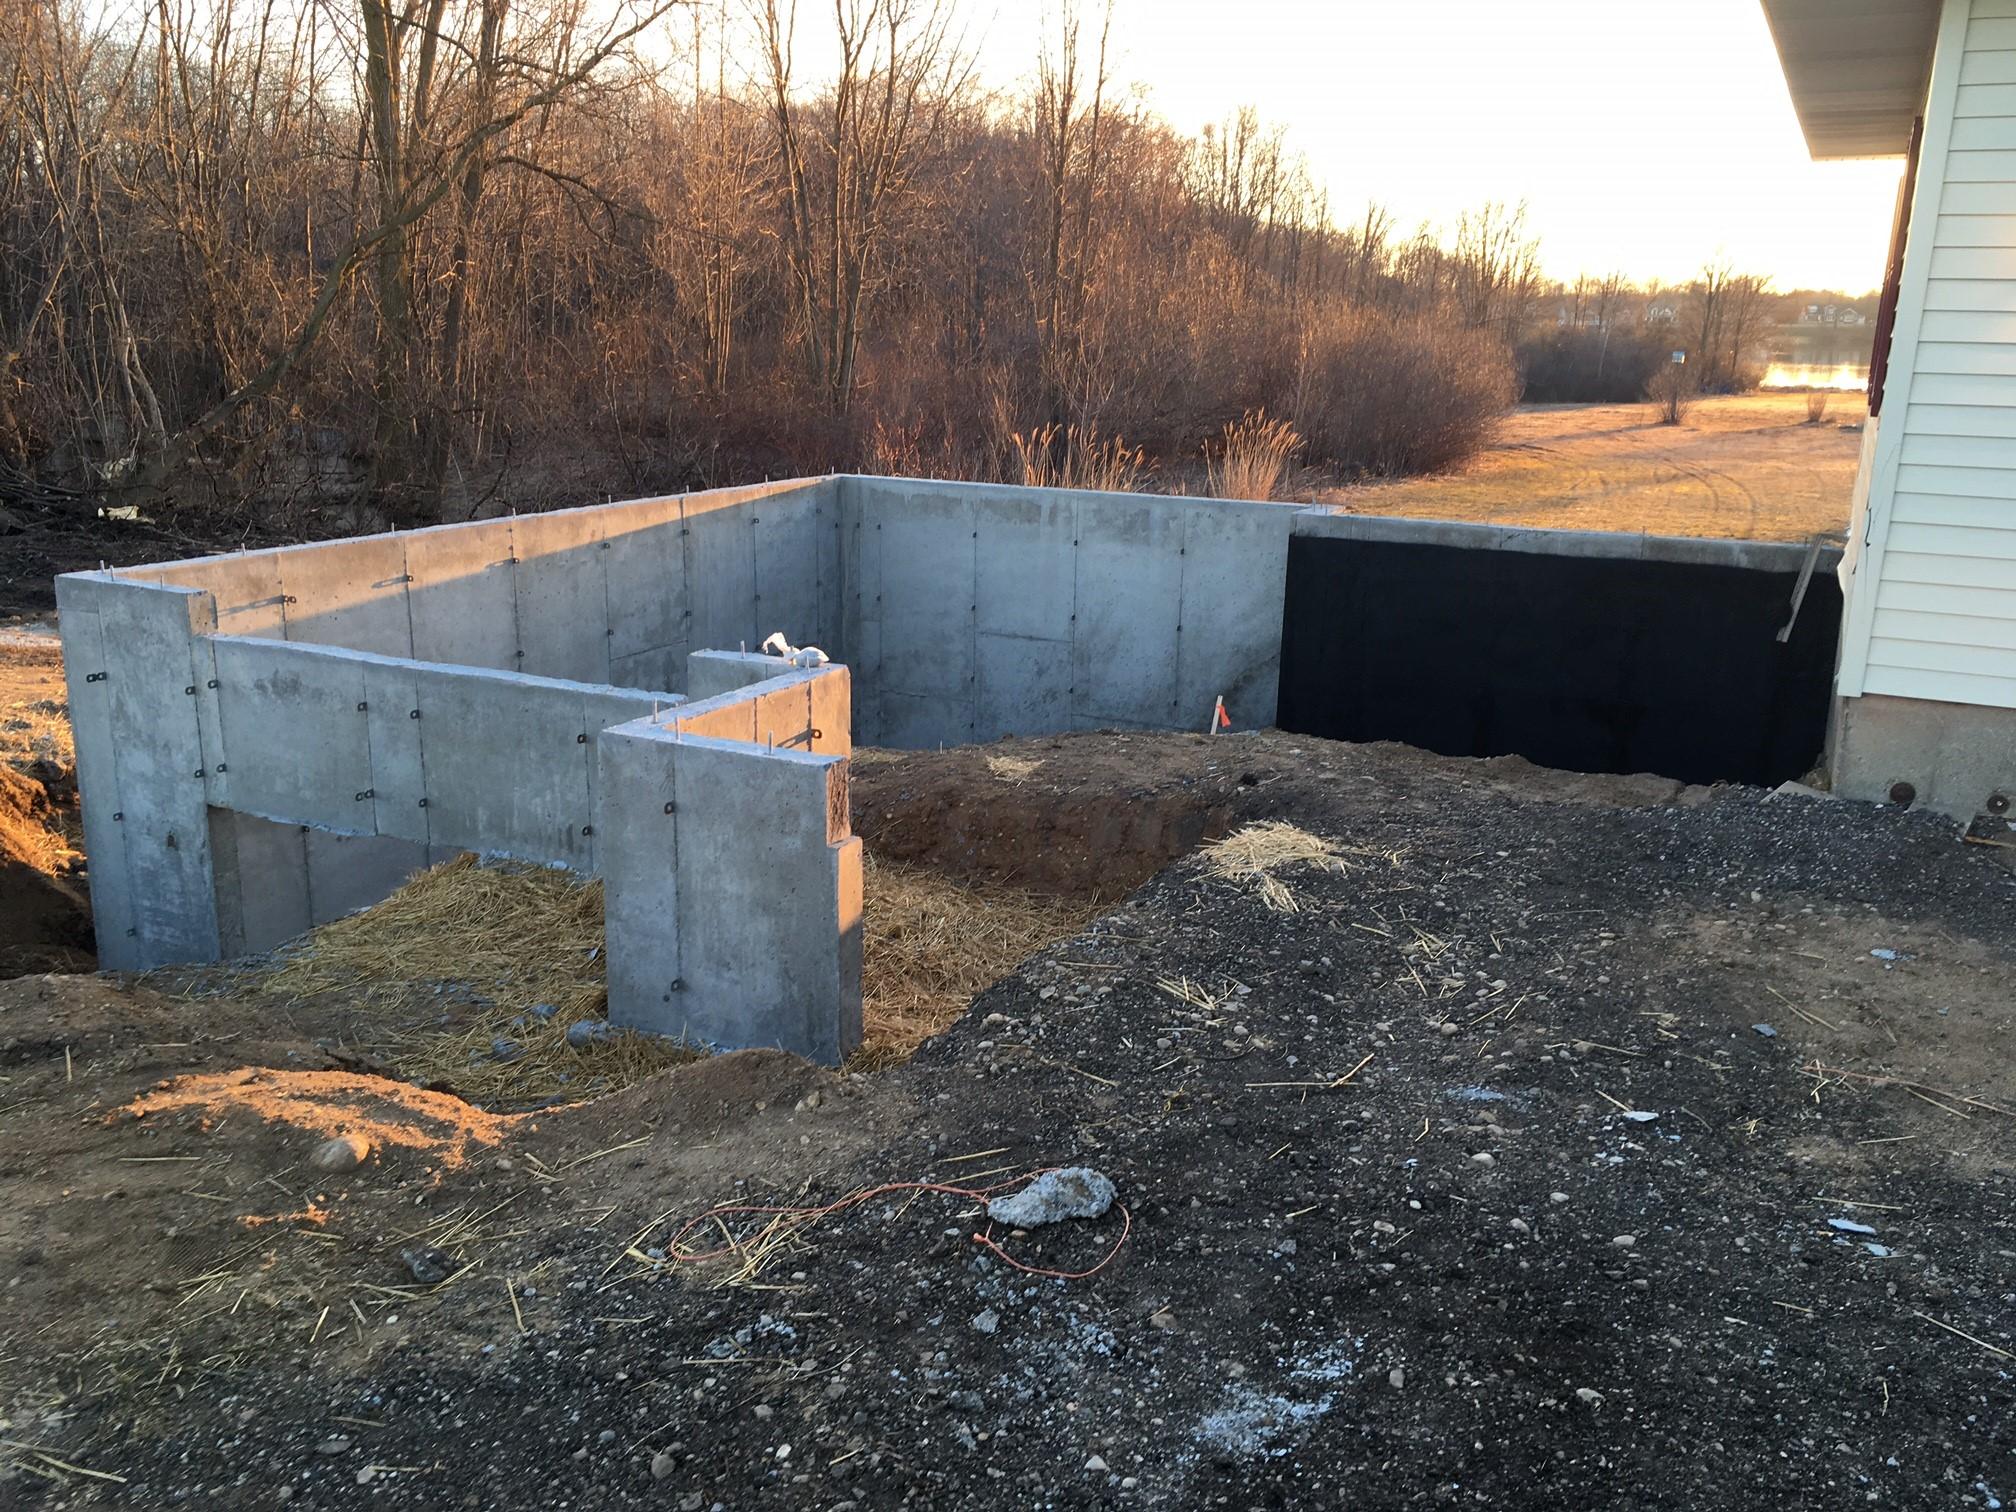 Poured concrete walls 79 concrete works perma 100 for Poured concrete basement walls